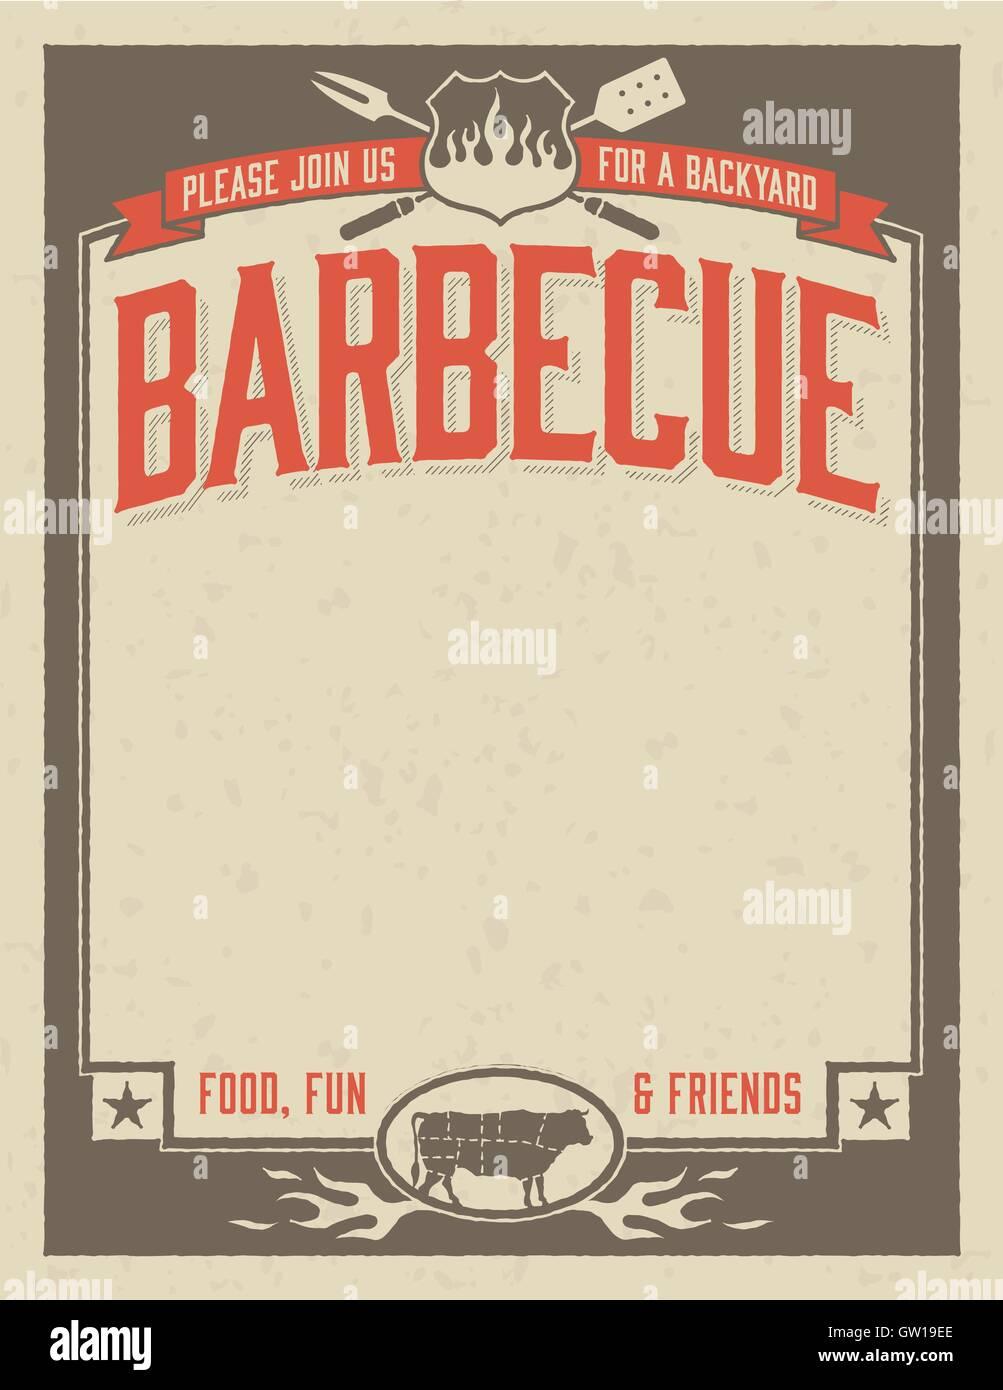 Backyard Barbecue Invitation Template Stock Vector Art